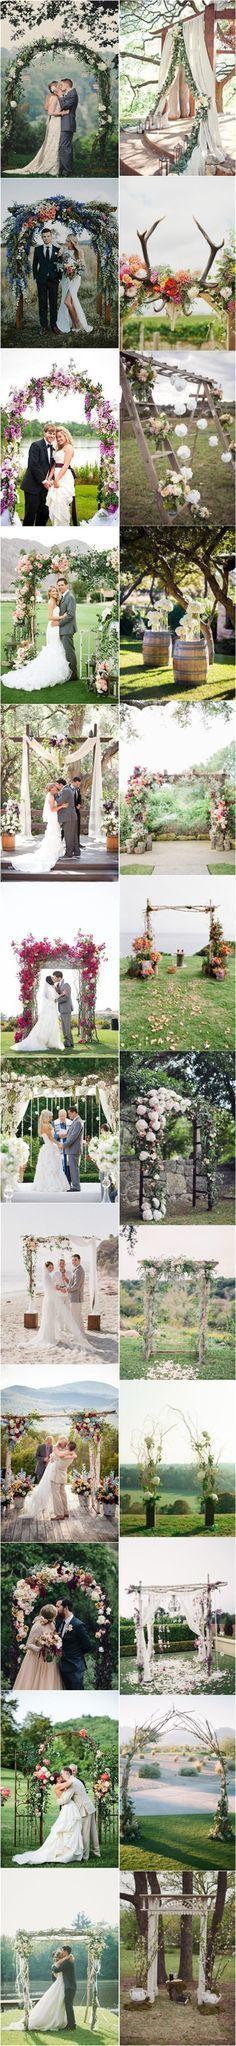 Casarme con el amor de mi vida (tener la boda perfecta para mi)